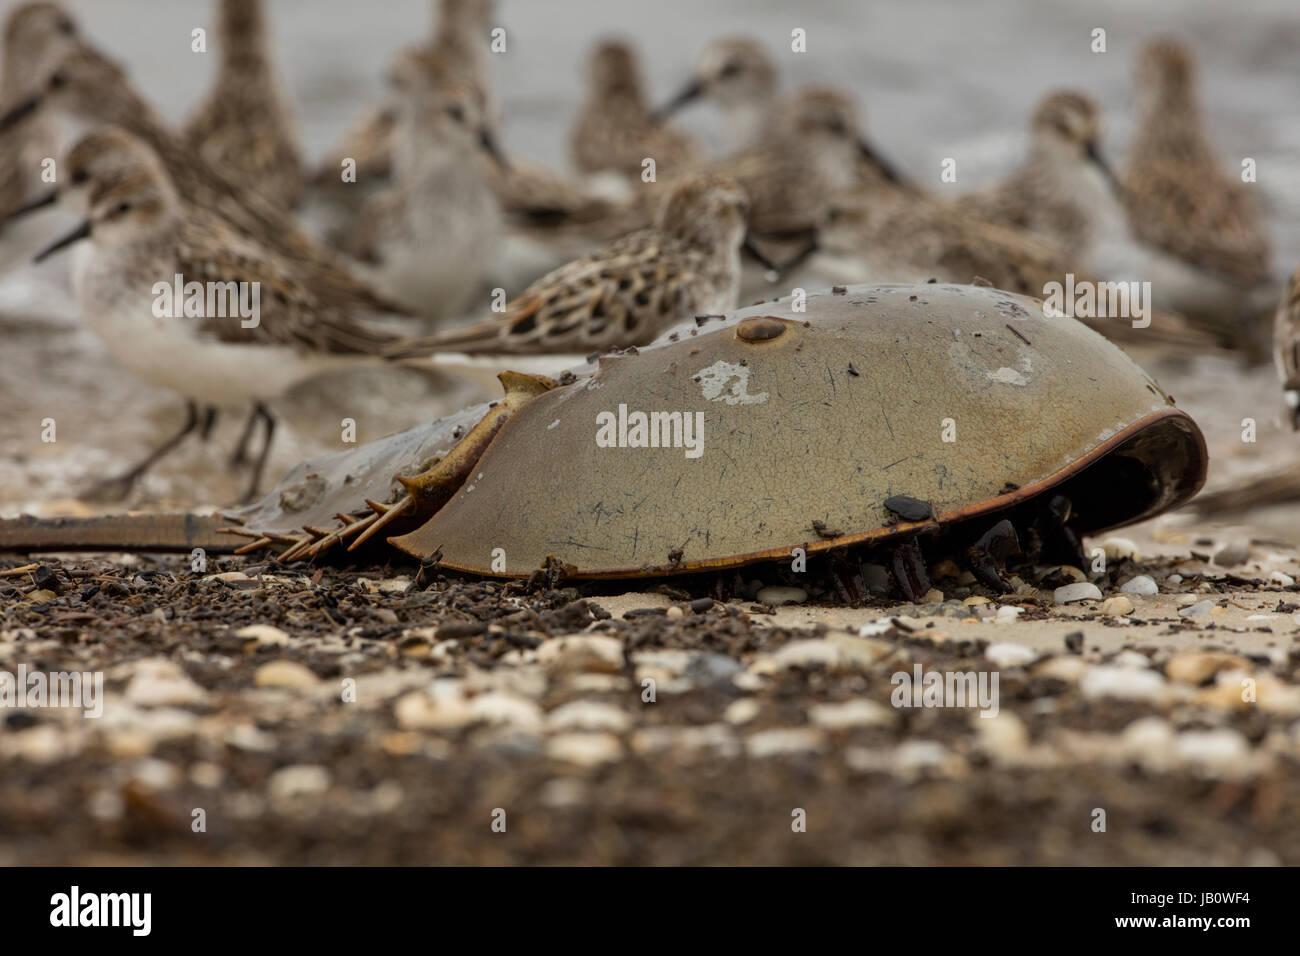 Limulus Polyphemus Imágenes De Stock & Limulus Polyphemus Fotos De ...